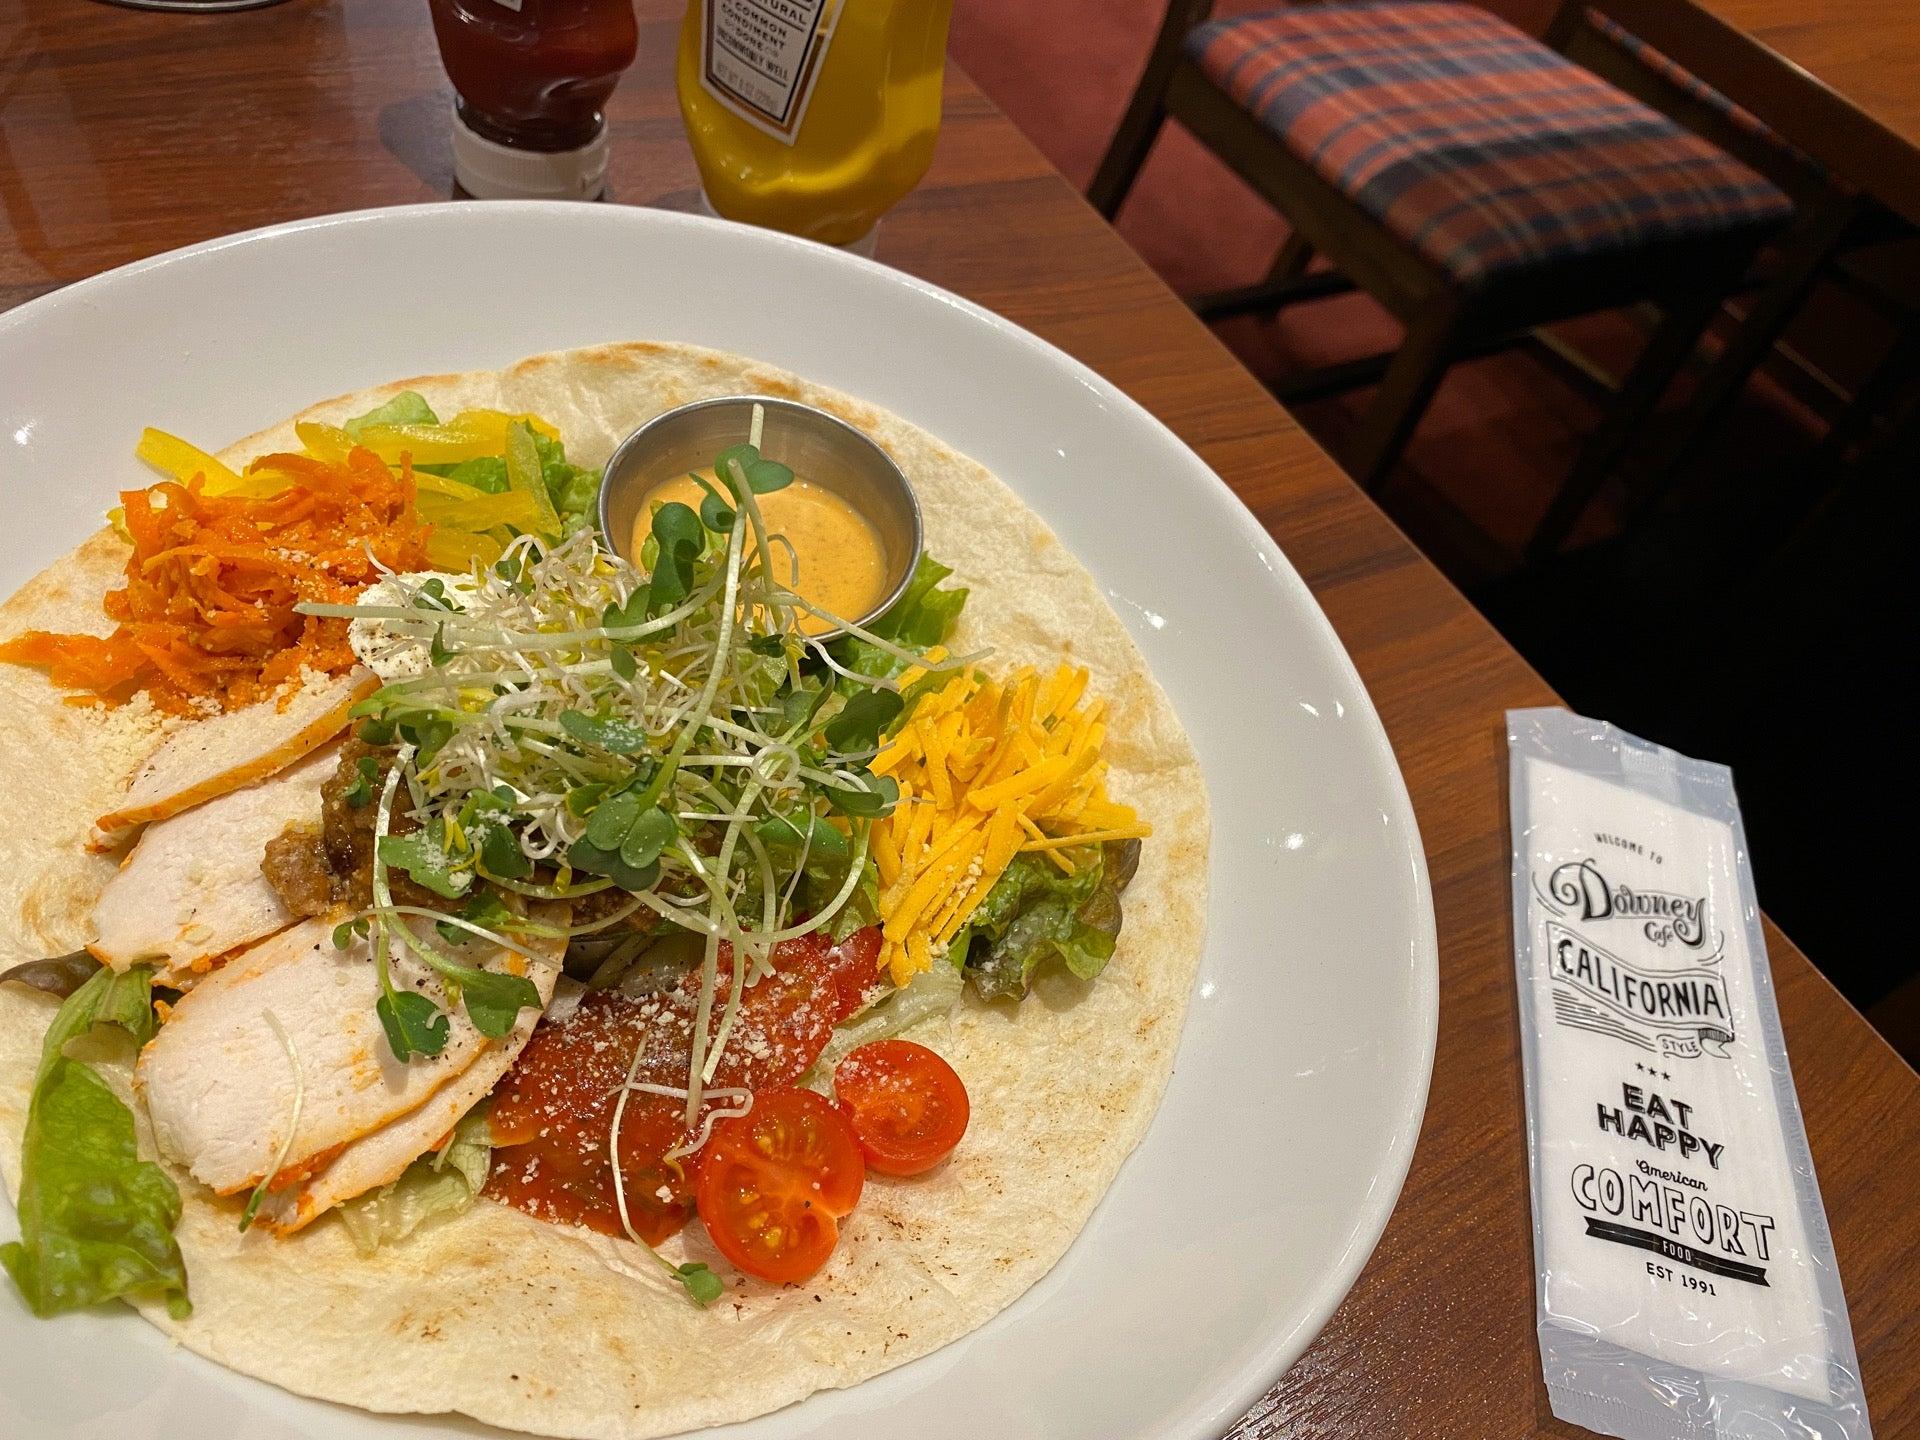 California Cobb Salad カリフォルニア コブ サラダ トルティーヤちぎってつつんでたべる (@ カフェダウニー JRゲートタワー店 in 名古屋市, 愛知県) https://t.co/XhcgtrBWDX https://t.co/m4L58P7zMC